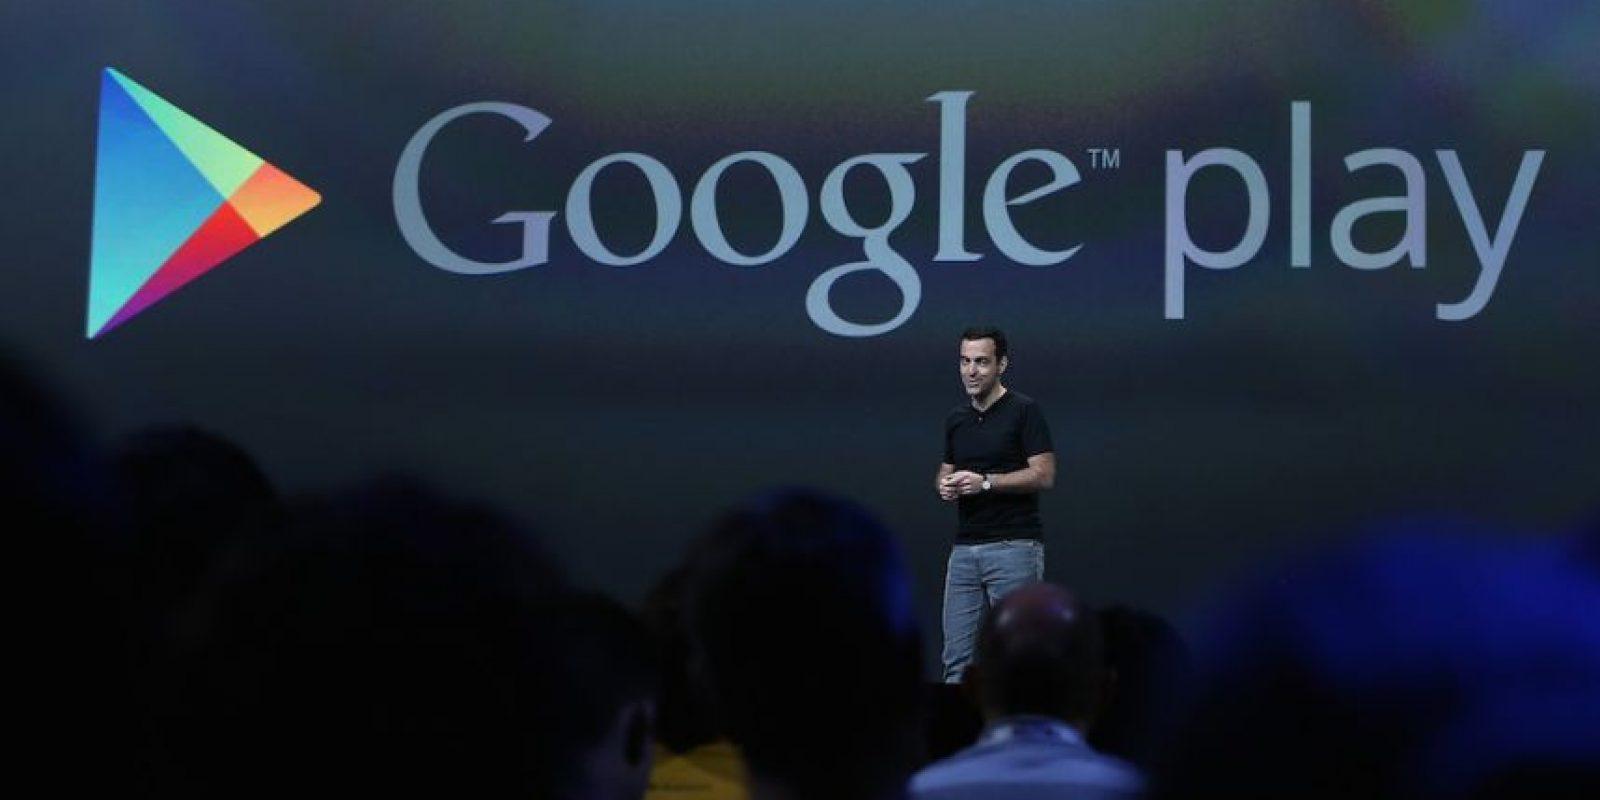 Las apps ya fueron retiradas de Google Play. Foto:Getty Images